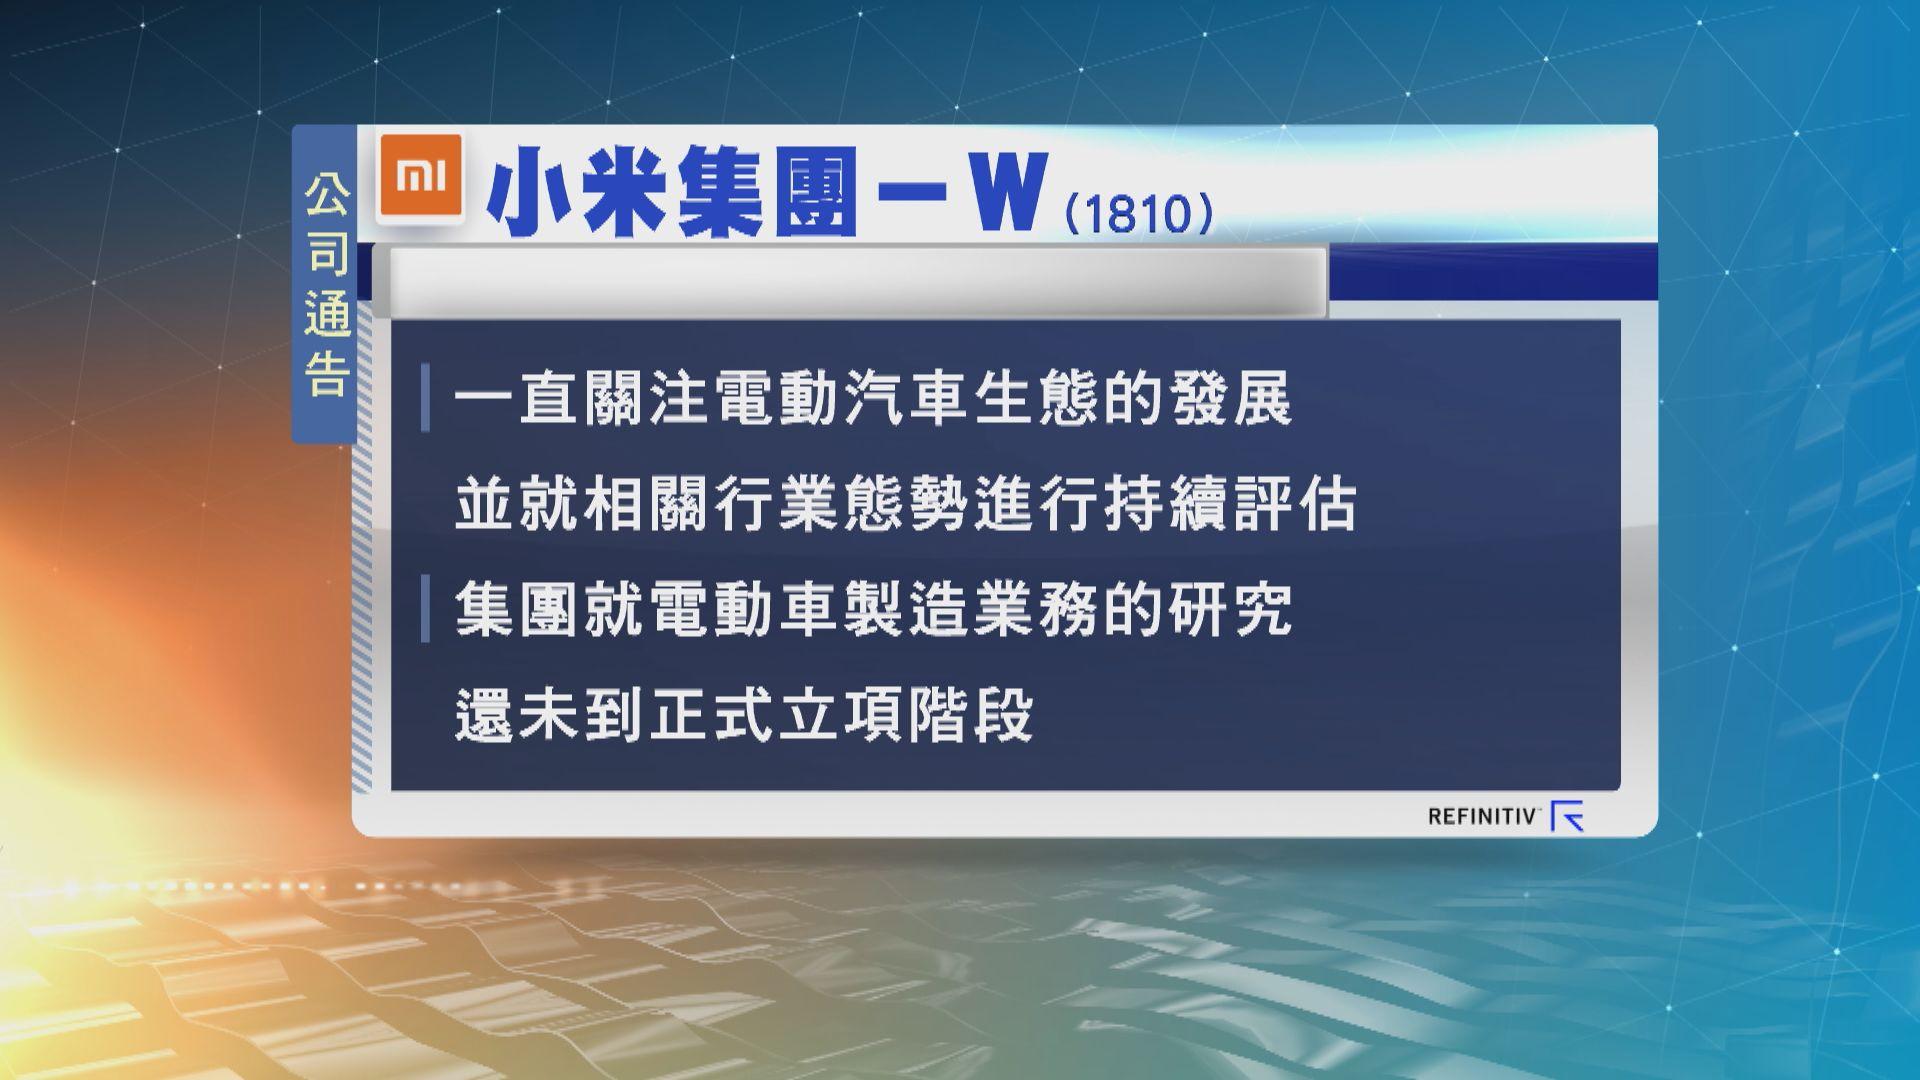 小米:電動車製造業務研究仍未到正式立項階段